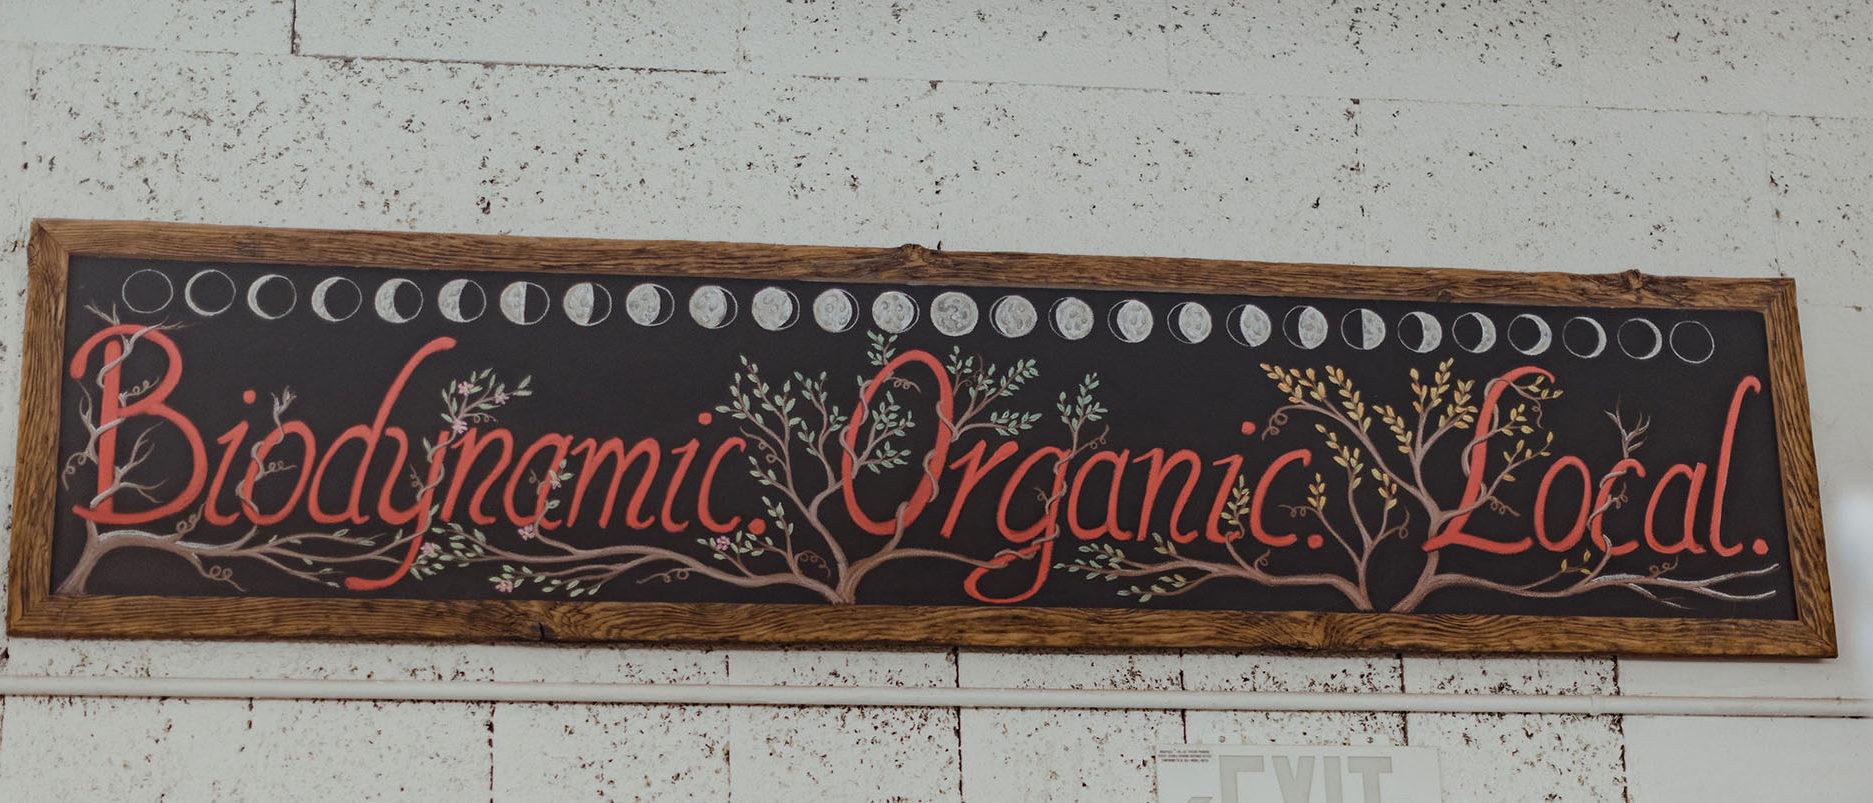 Biodynamic Organic Local chalkboard sign